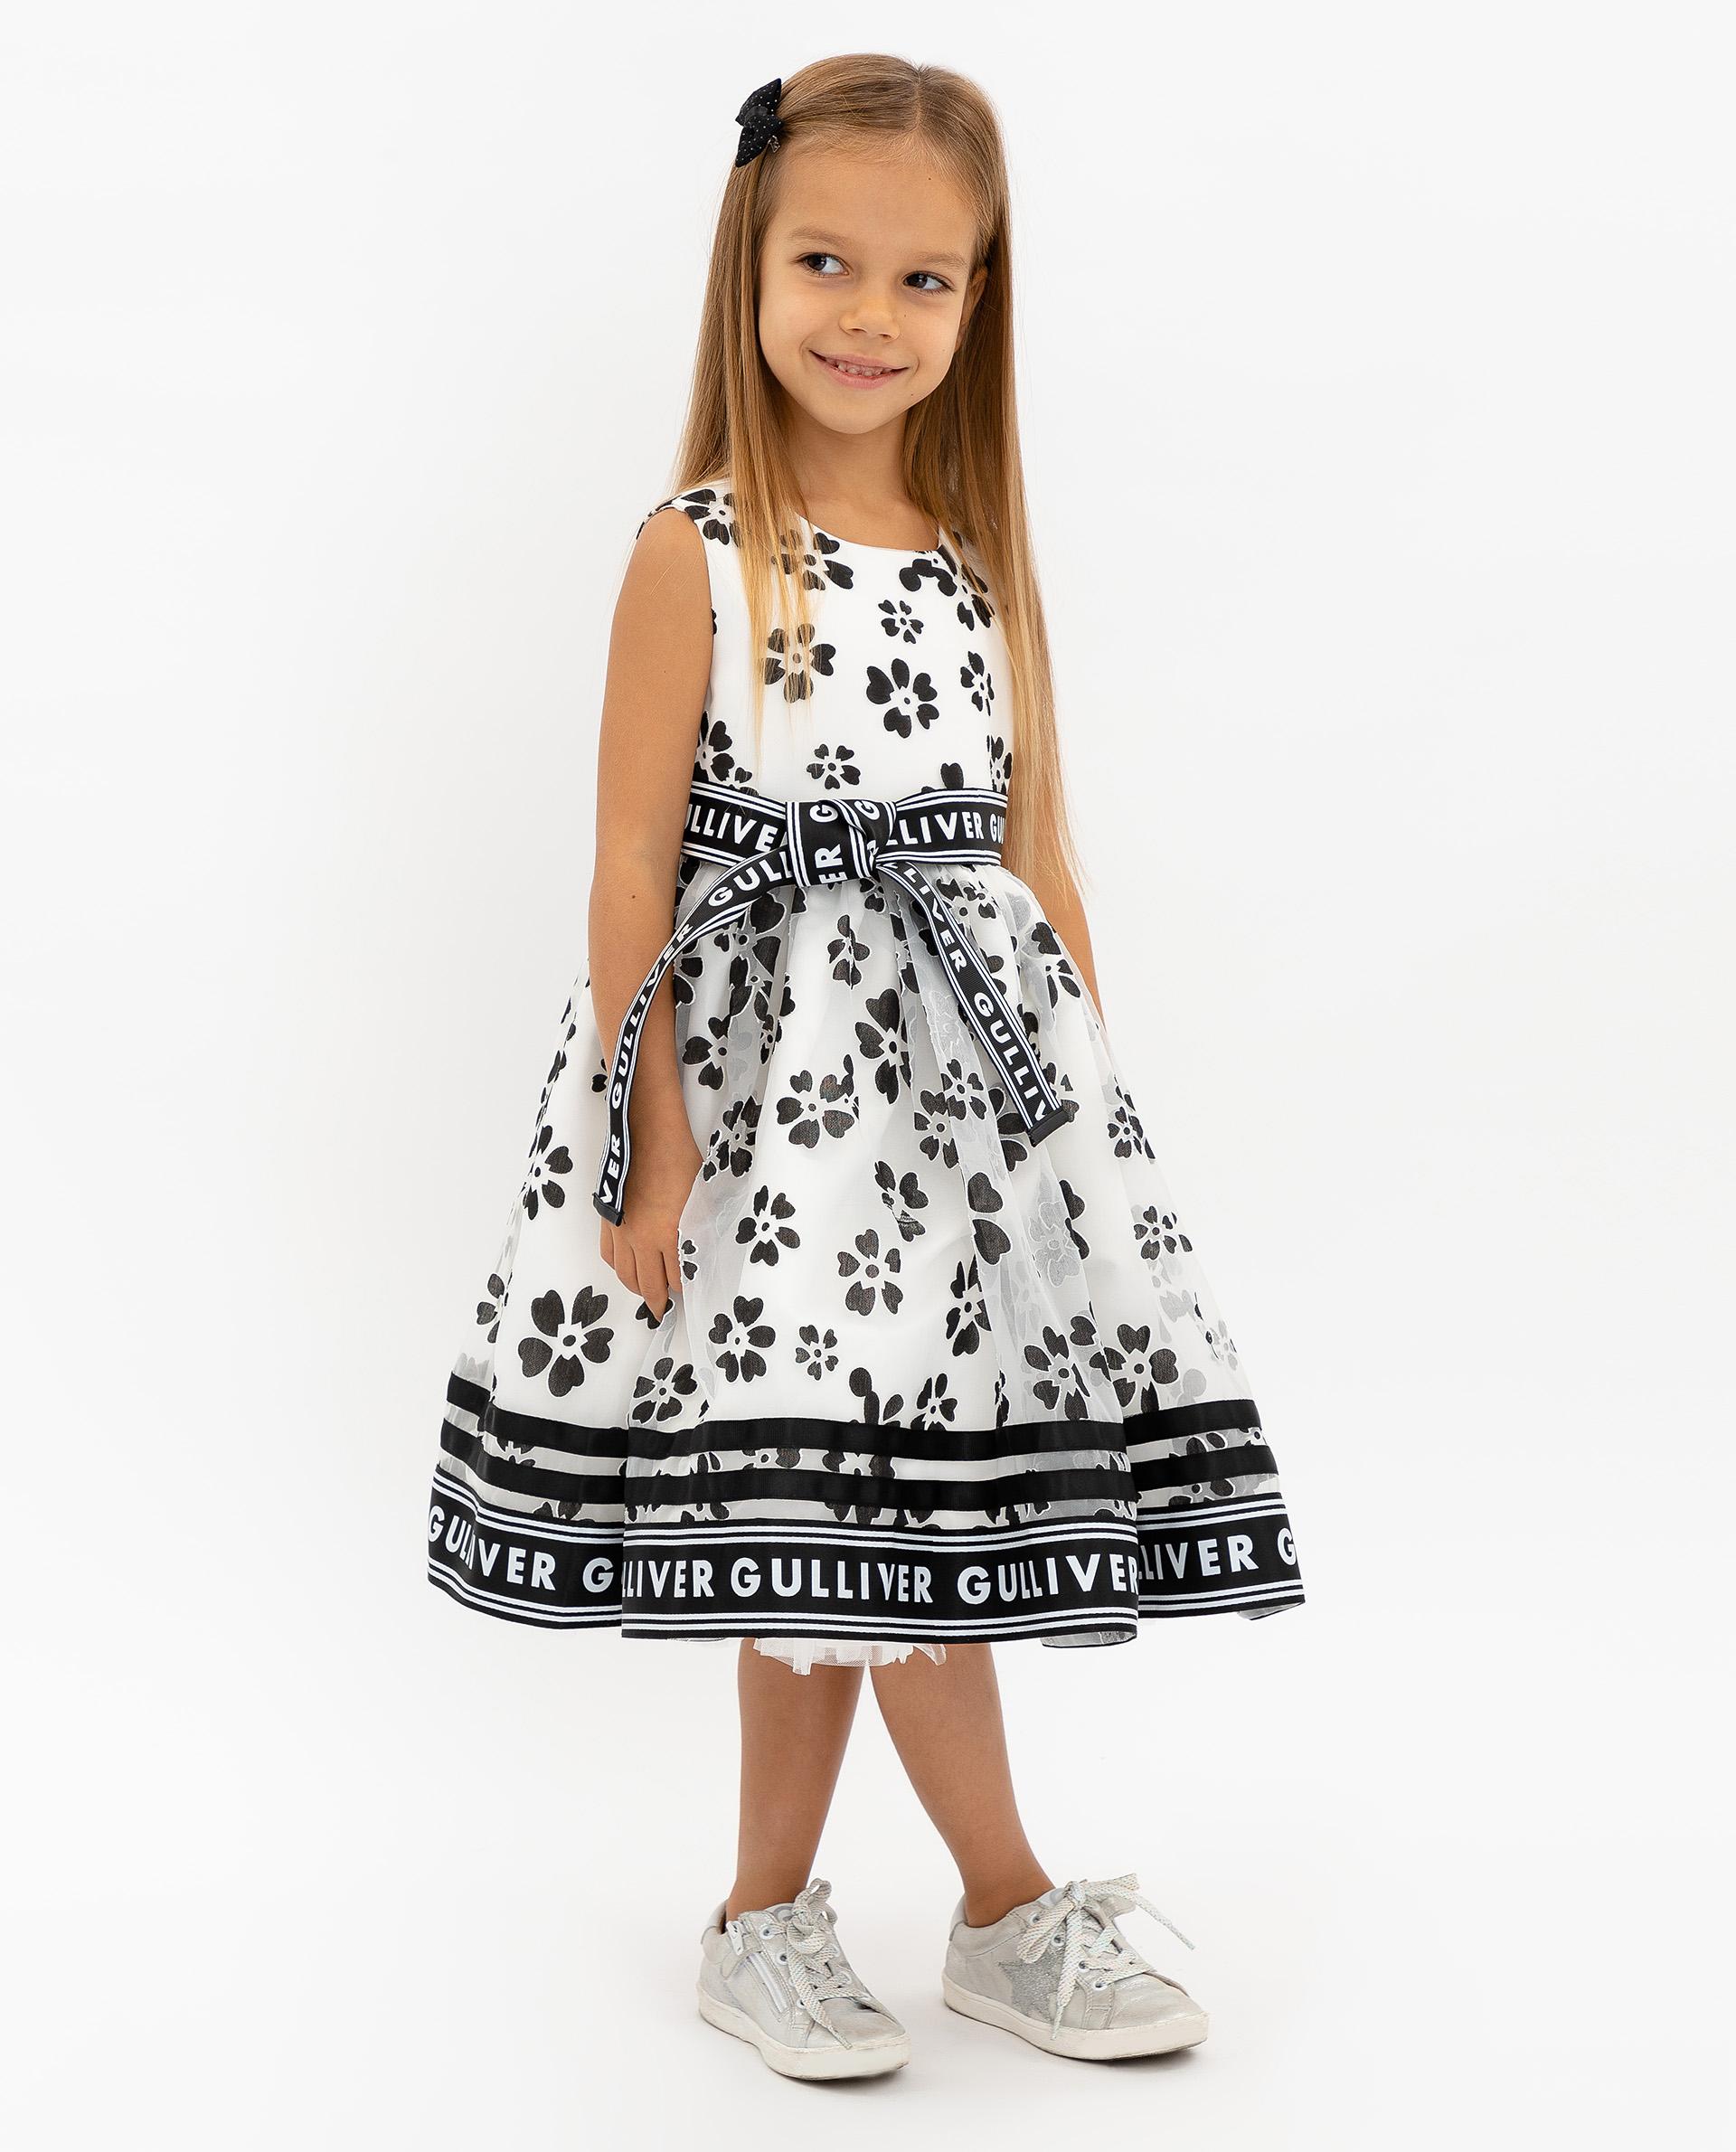 Купить 120GPGMC2505, Белое нарядное платье с принтом Gulliver, белый, 128, Женский, ВЕСНА/ЛЕТО 2020 (shop: GulliverMarket Gulliver Market)